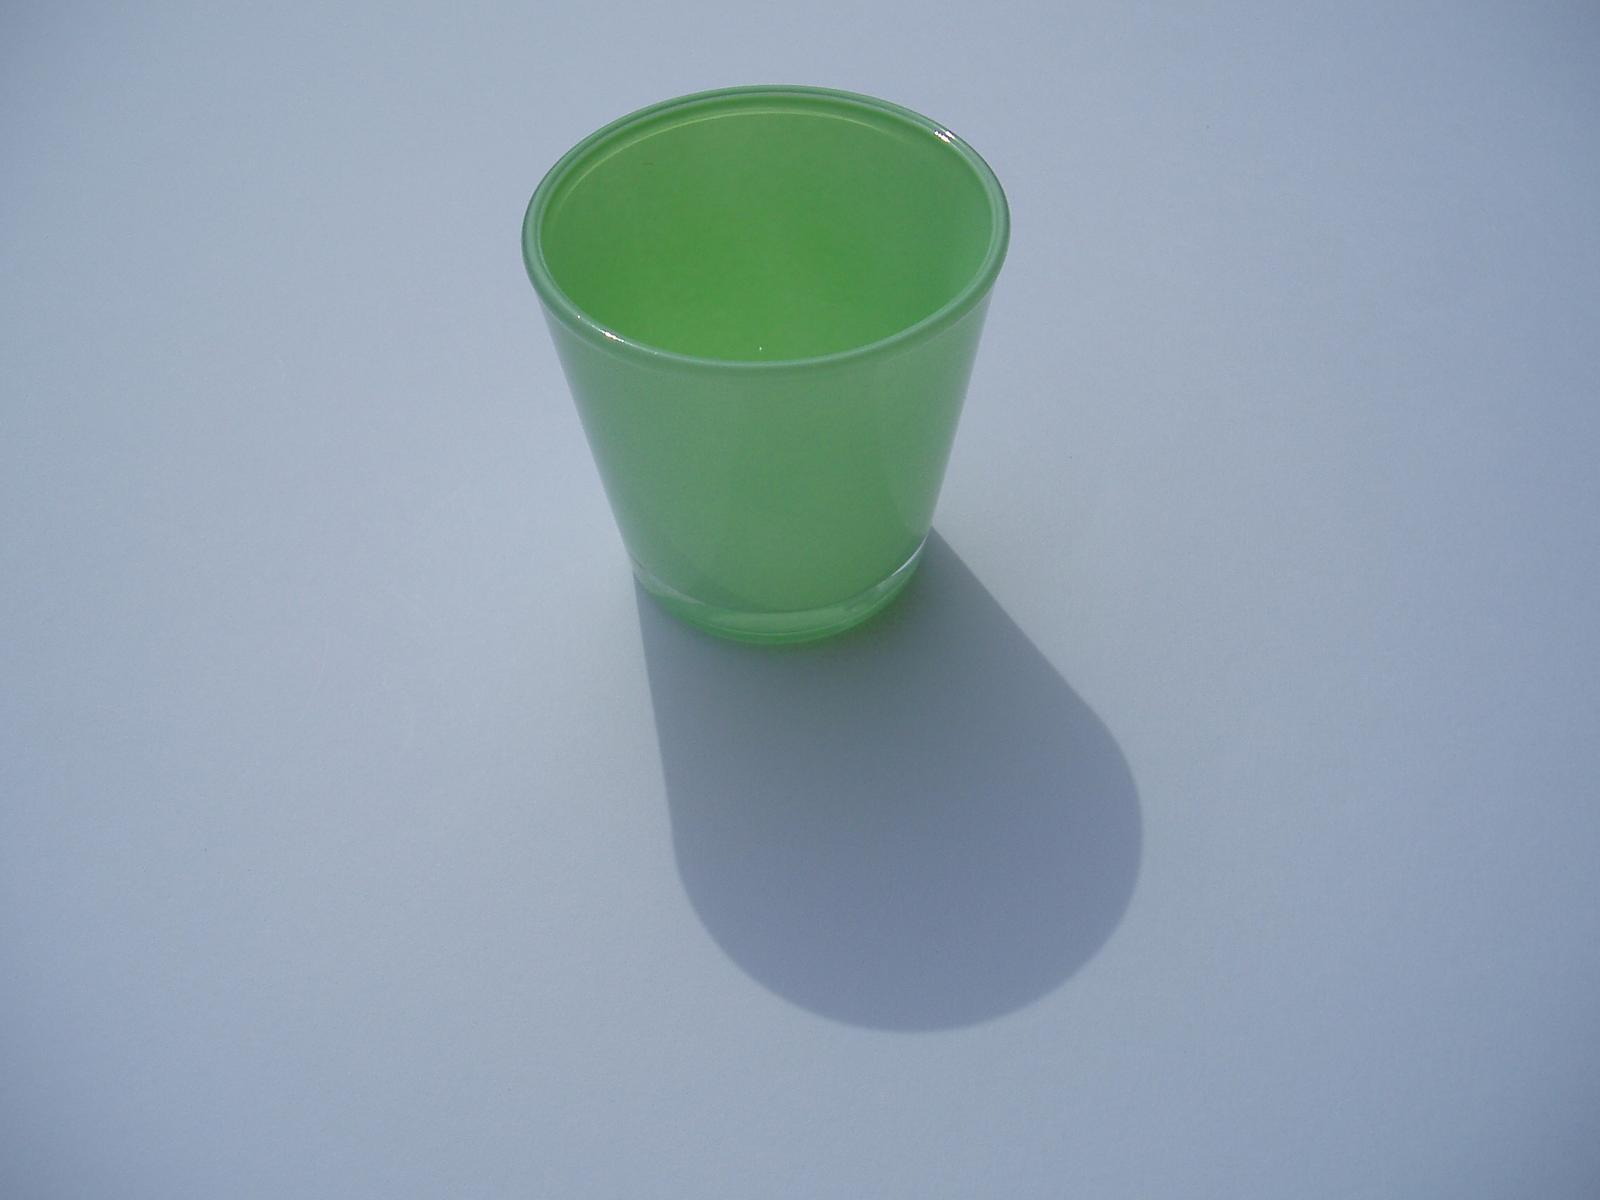 svícen skleněný-světle zelený - Obrázek č. 2